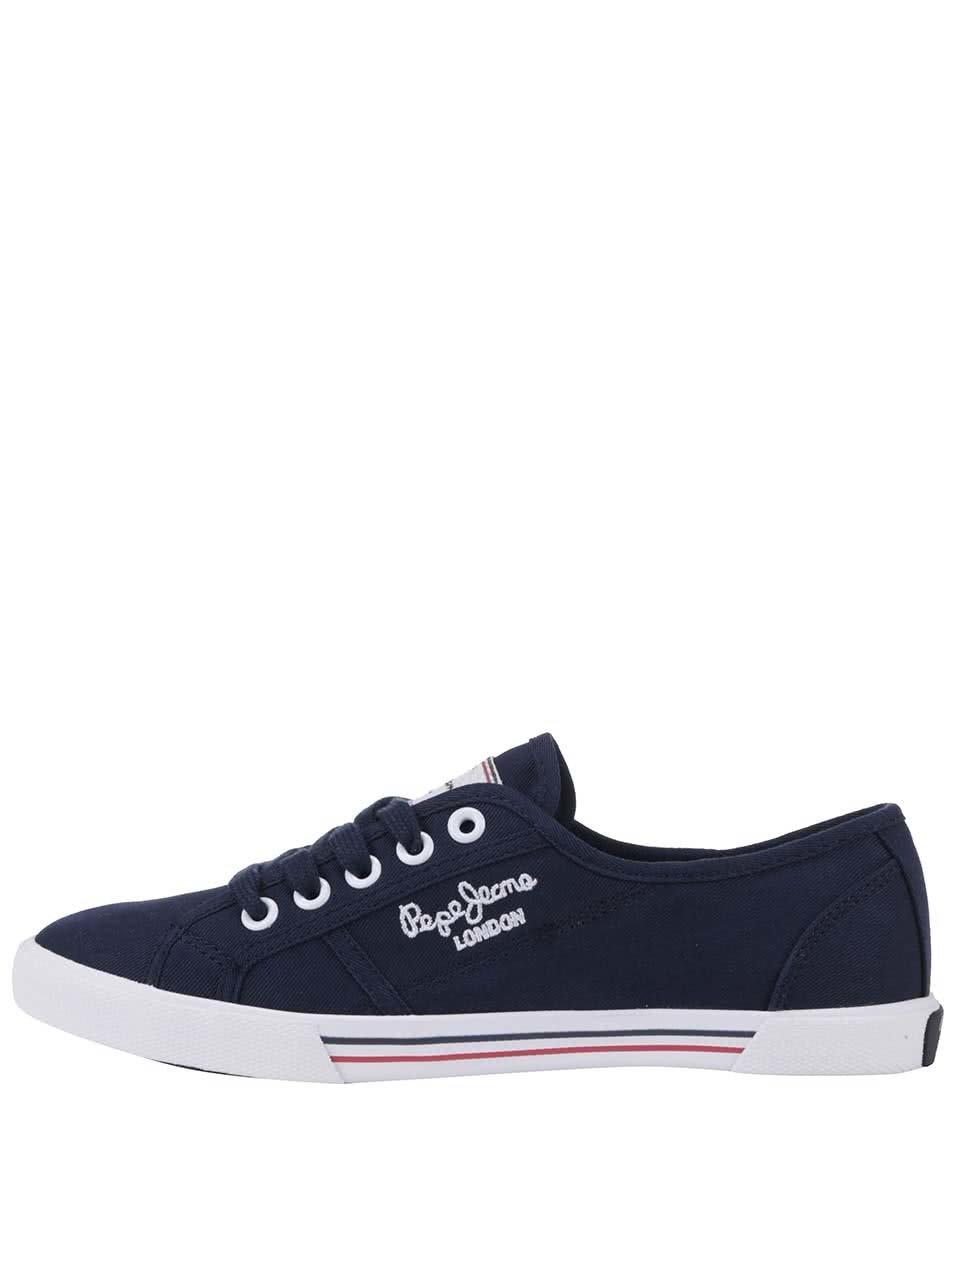 Modré dámské tenisky Pepe Jeans 0146c2e5d2